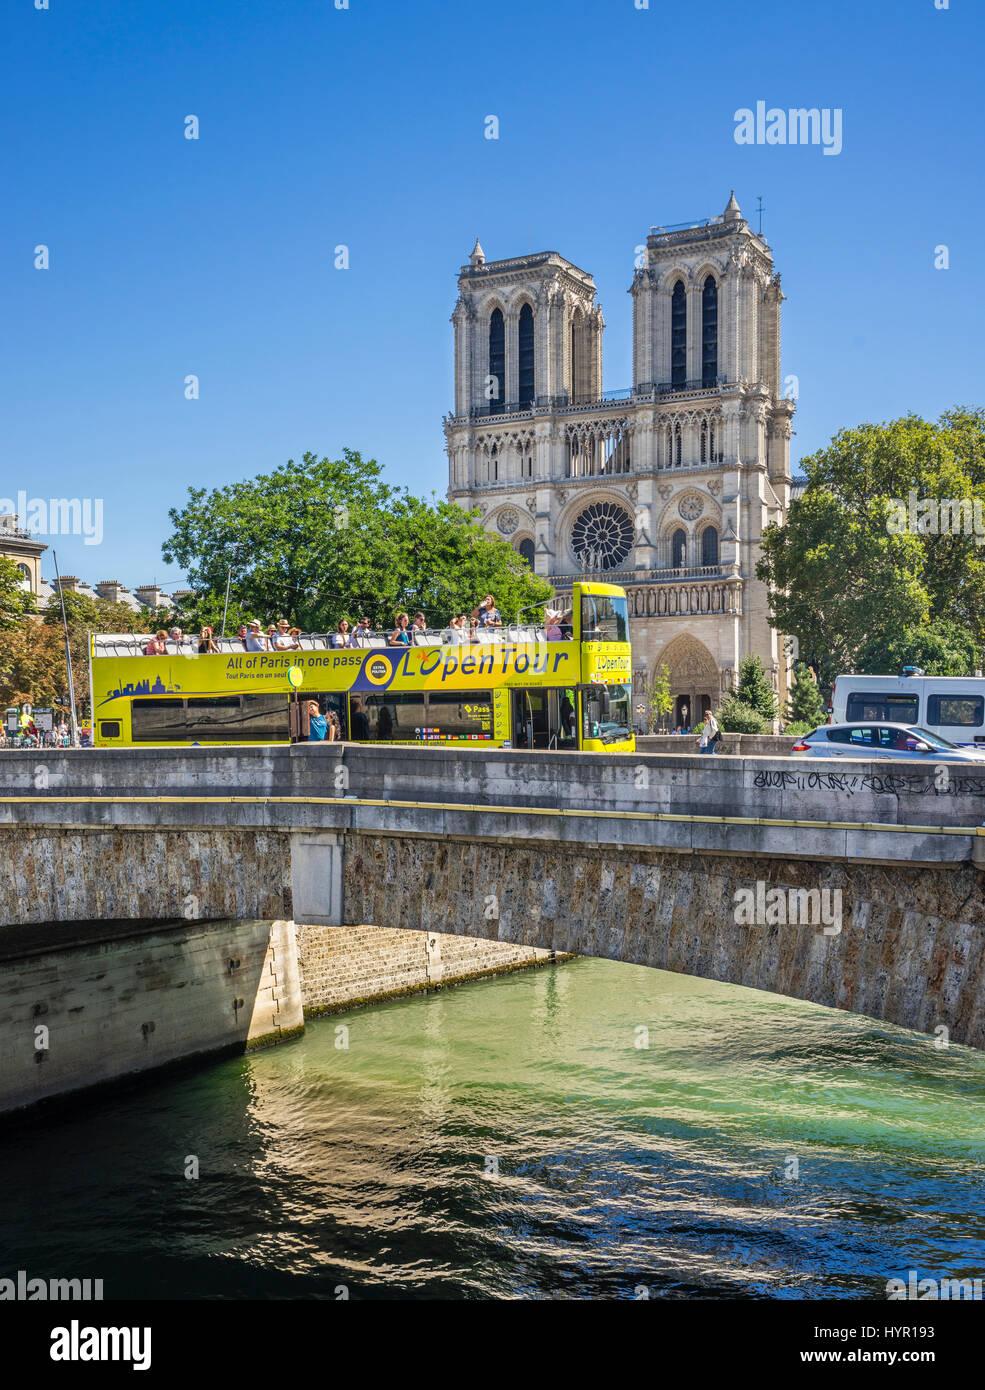 France, Paris, Seine, Ile de la Cité, view of Petit Pont and Notre Dame Cathedral - Stock Image